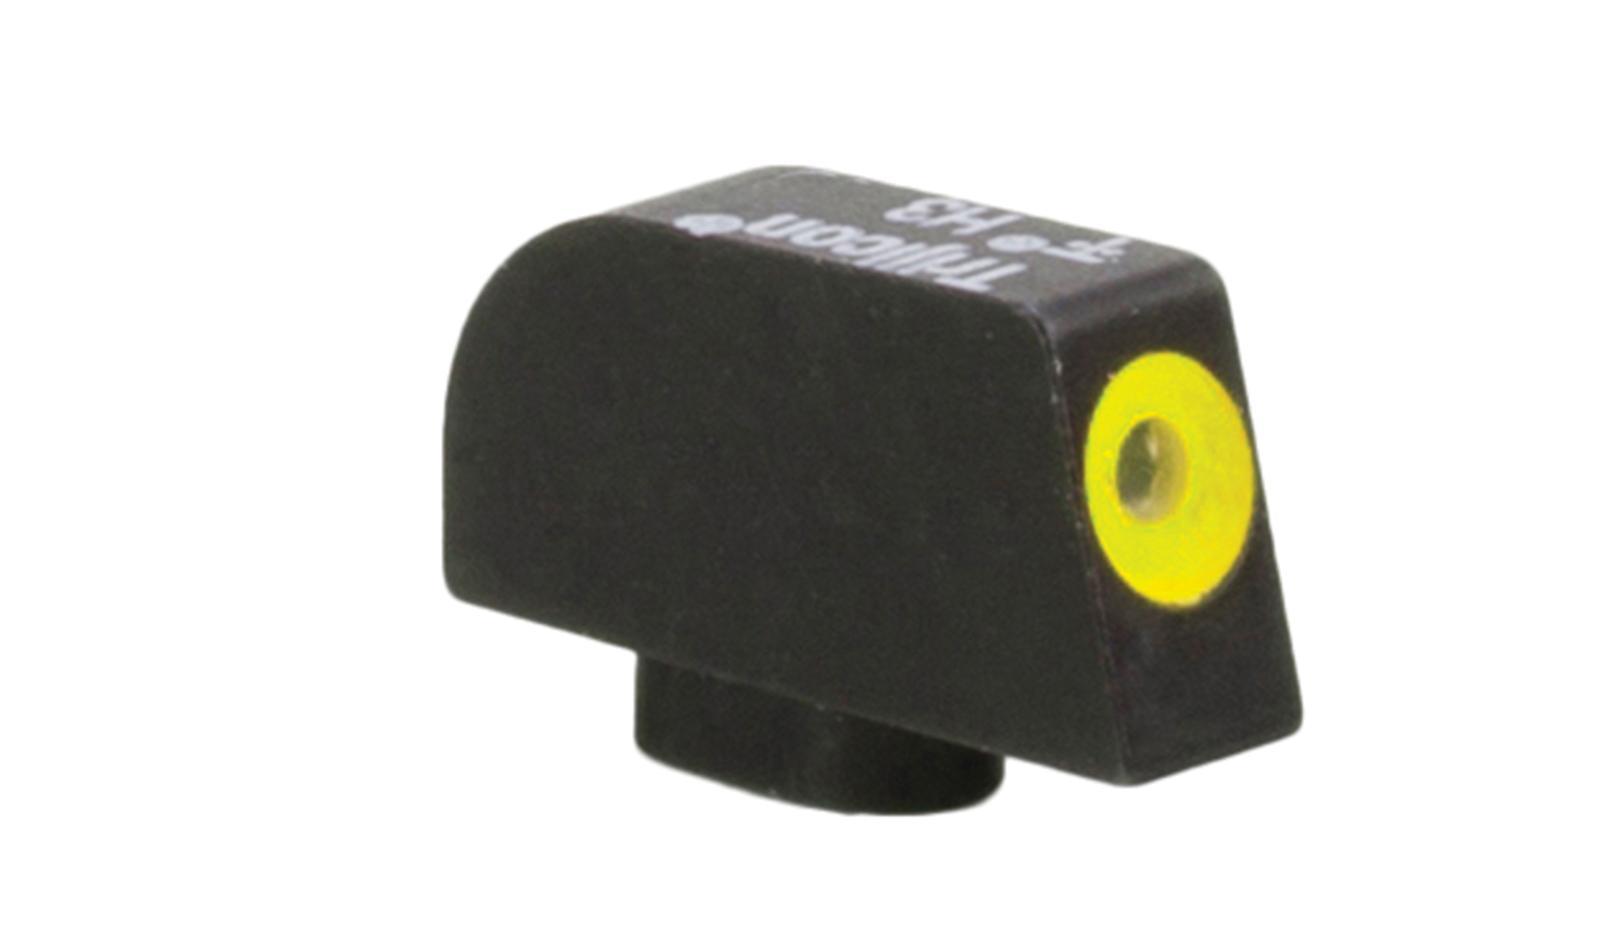 GL604-C-600842 angle 3